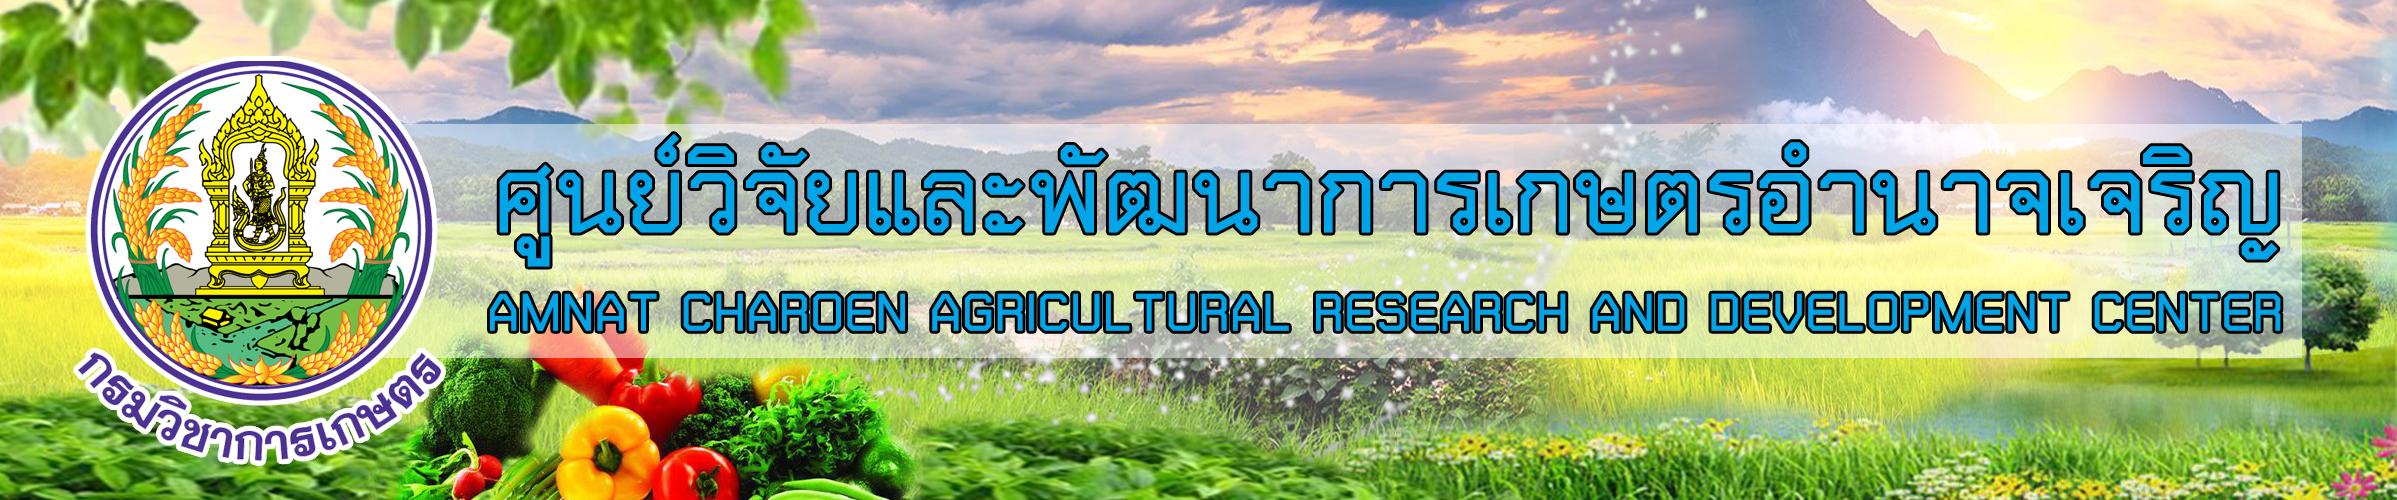 ศูนย์วิจัยและพัฒนาการเกษตรอำนาจเจริญ